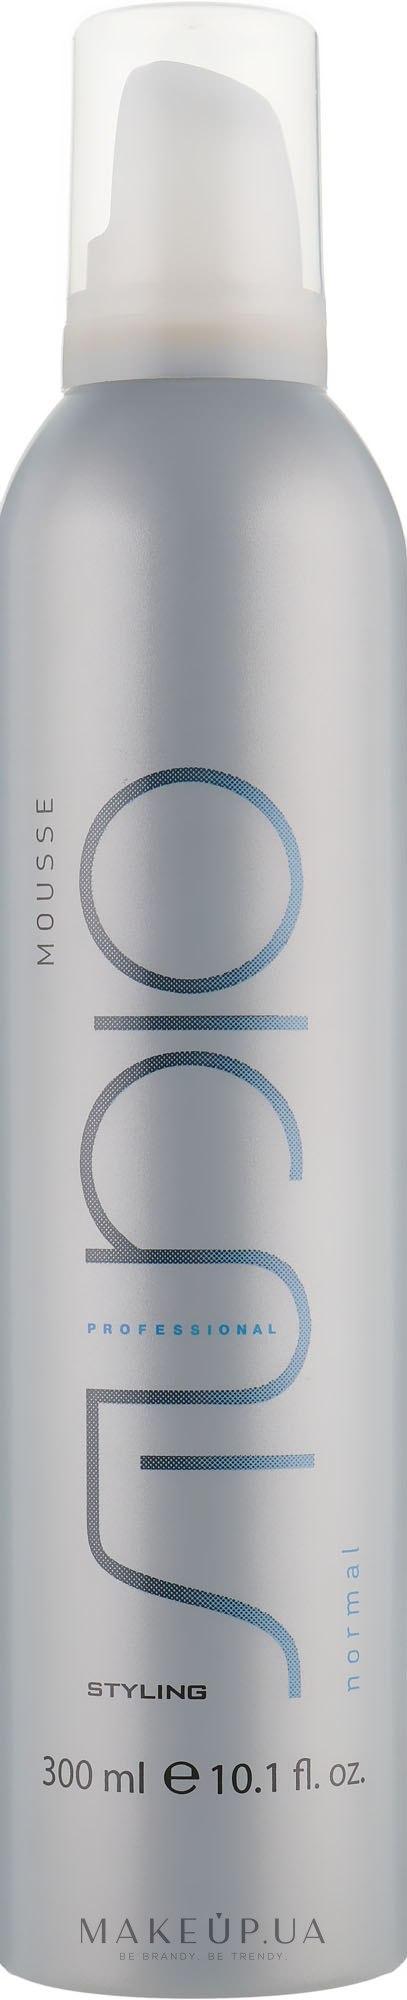 Мусс для укладки волос нормальной фиксации - Kapous Professional Studio Styling — фото 300ml